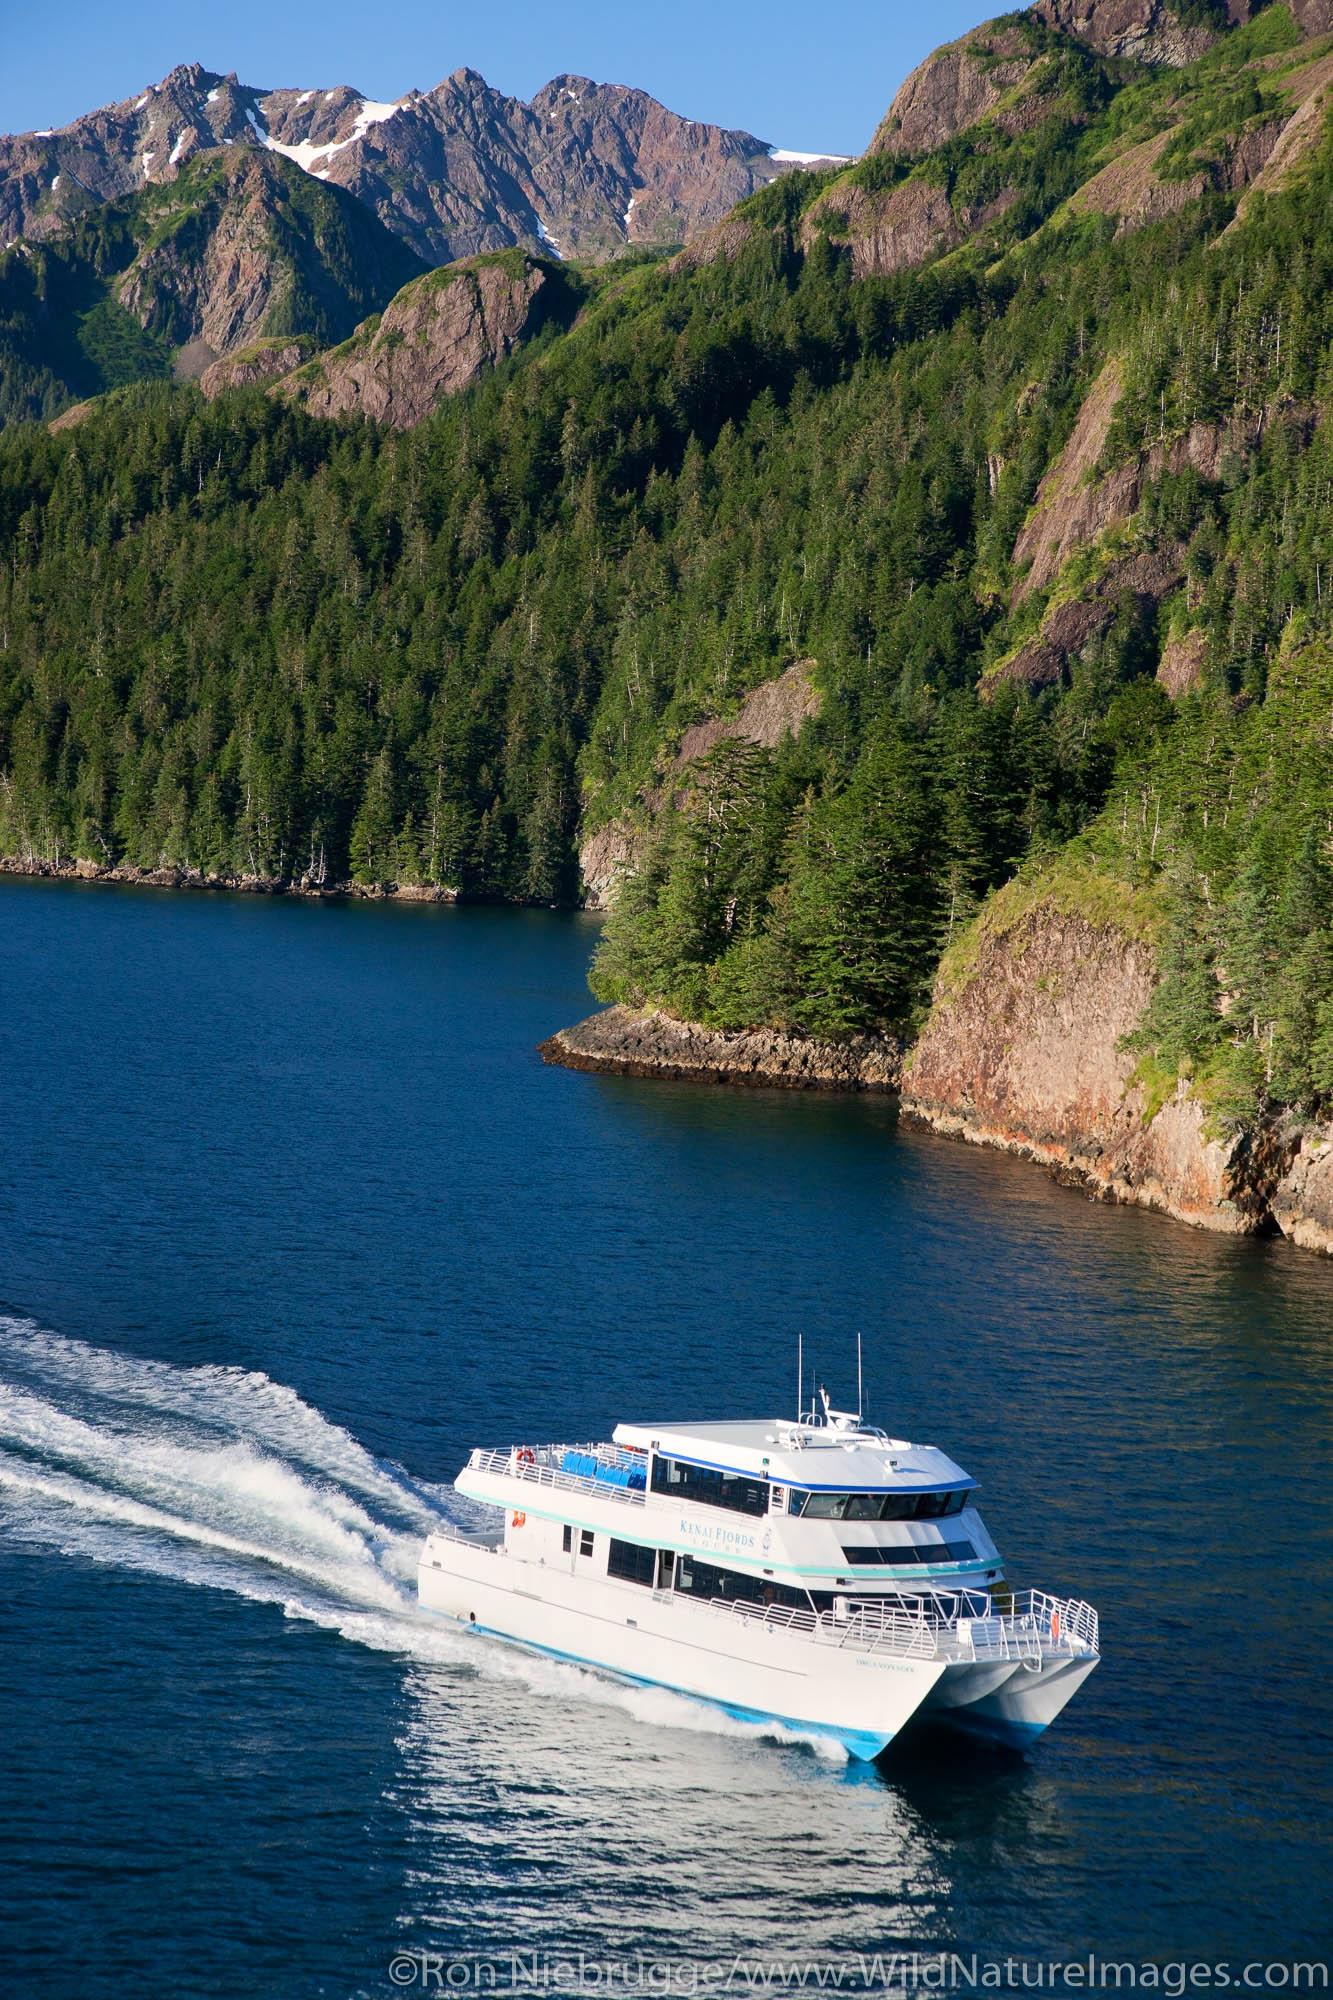 20, AK, Alaska, Alaska Heritage Tours, Alaskan, Americas, CIRI, Kenai, Kenai Fjords, Kenai Fjords National Park, Kenai Fjords...